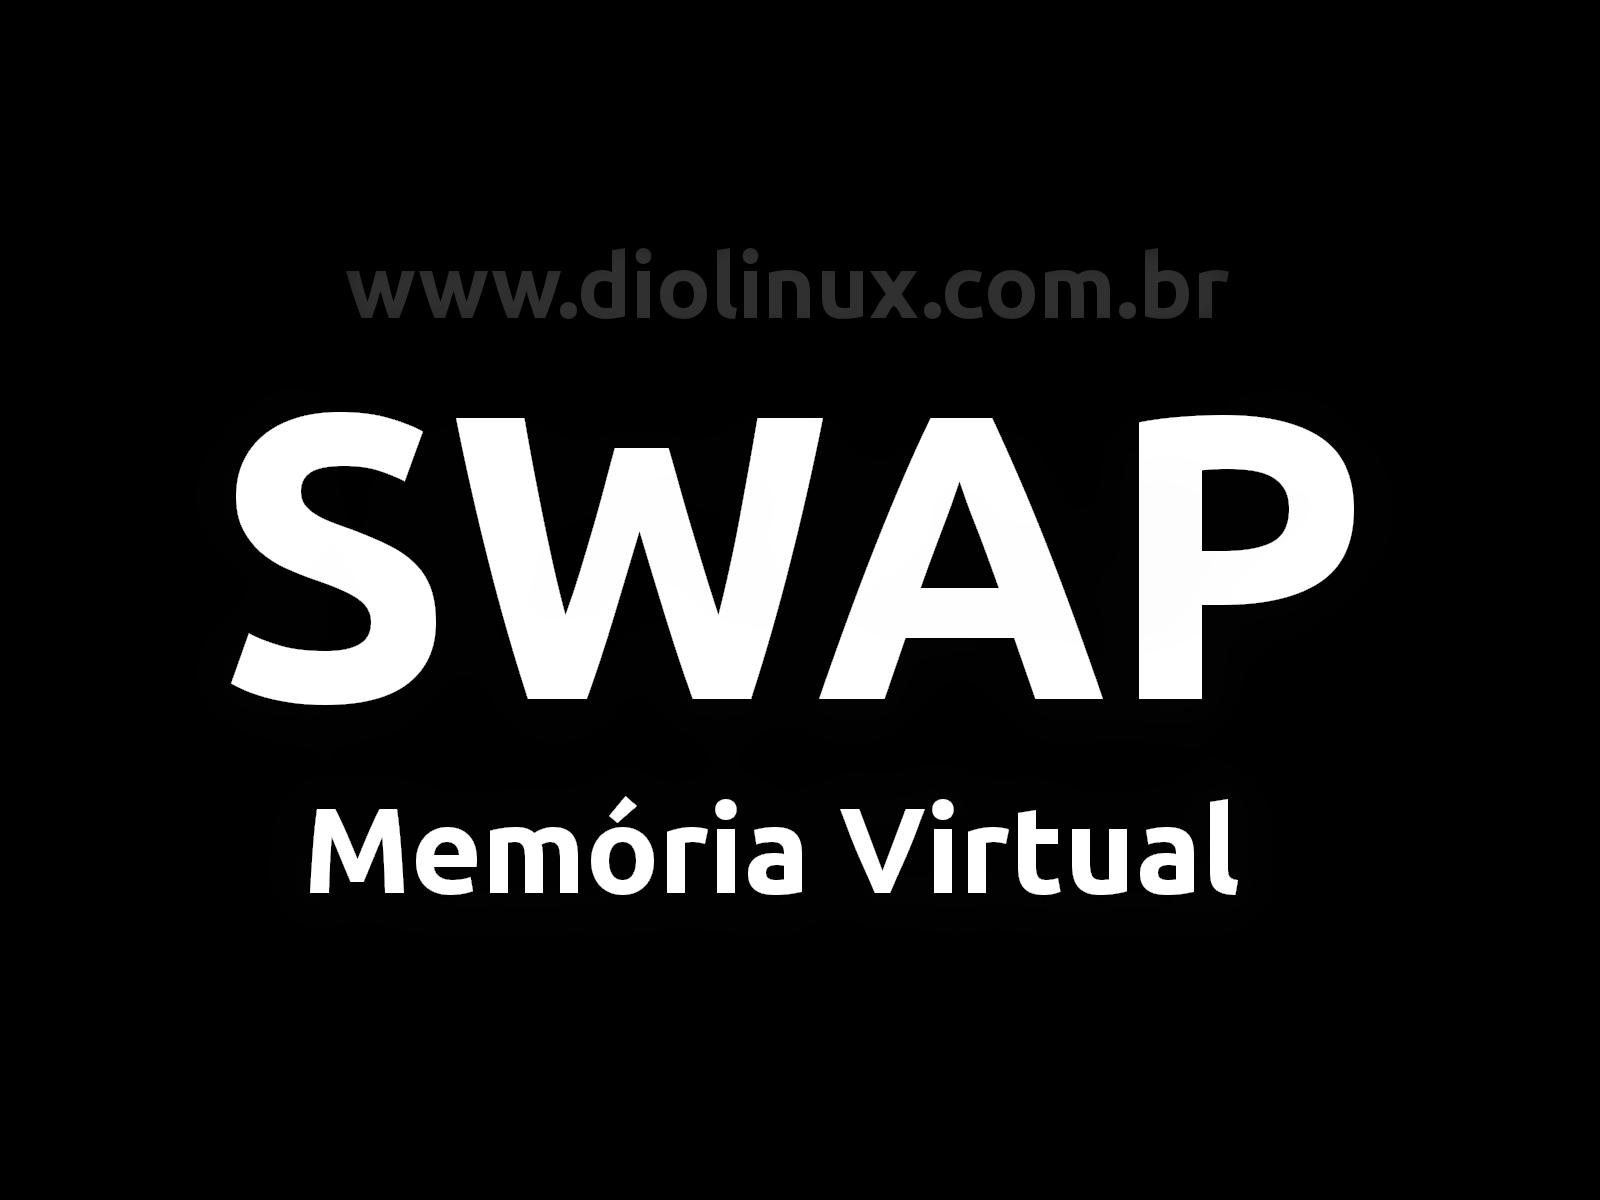 Como funciona a memória SWAP